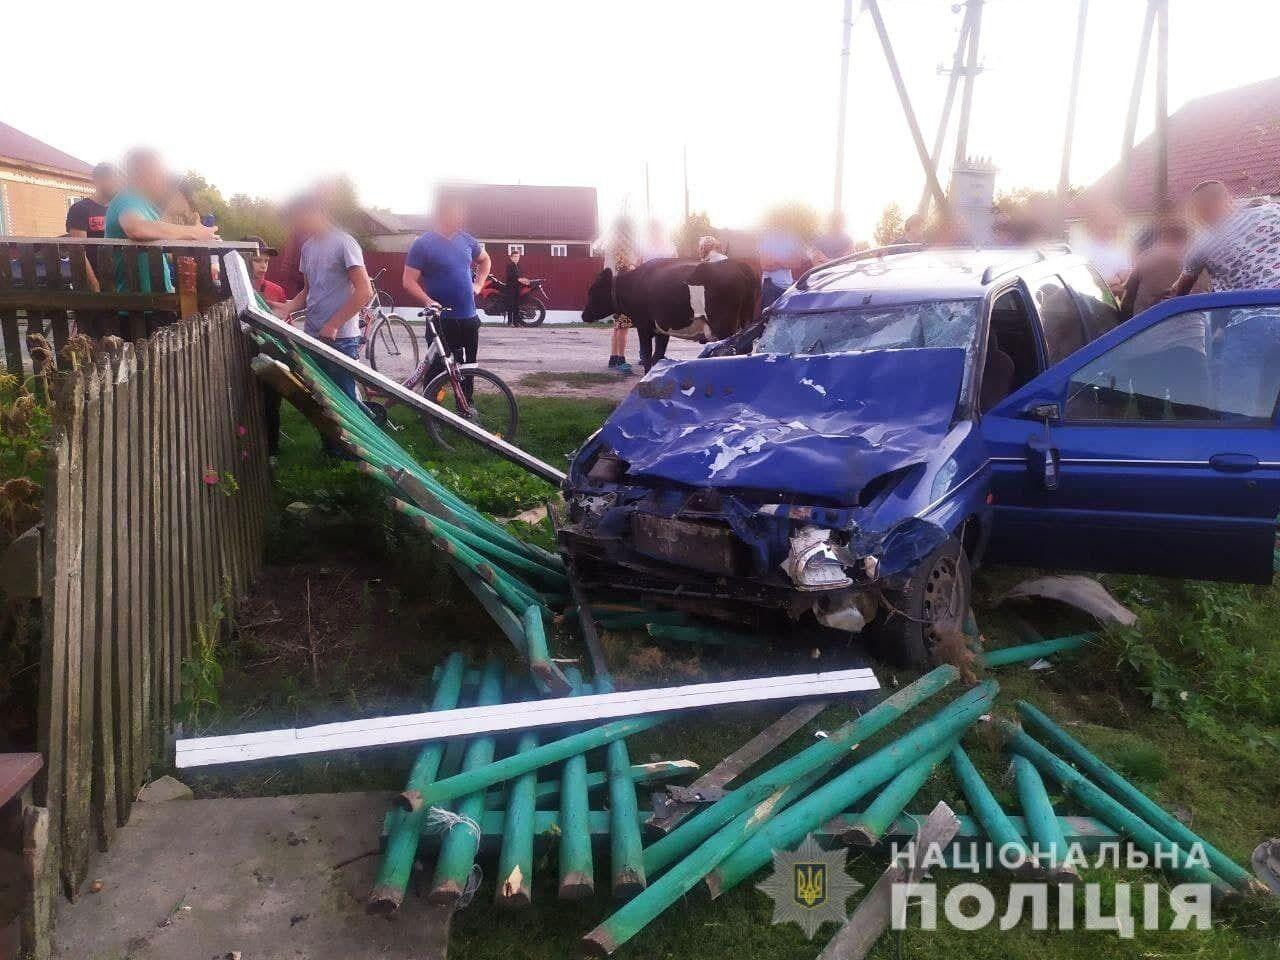 Водитель легковушки сбил сразу несколько коров и разбил деревянный забор.